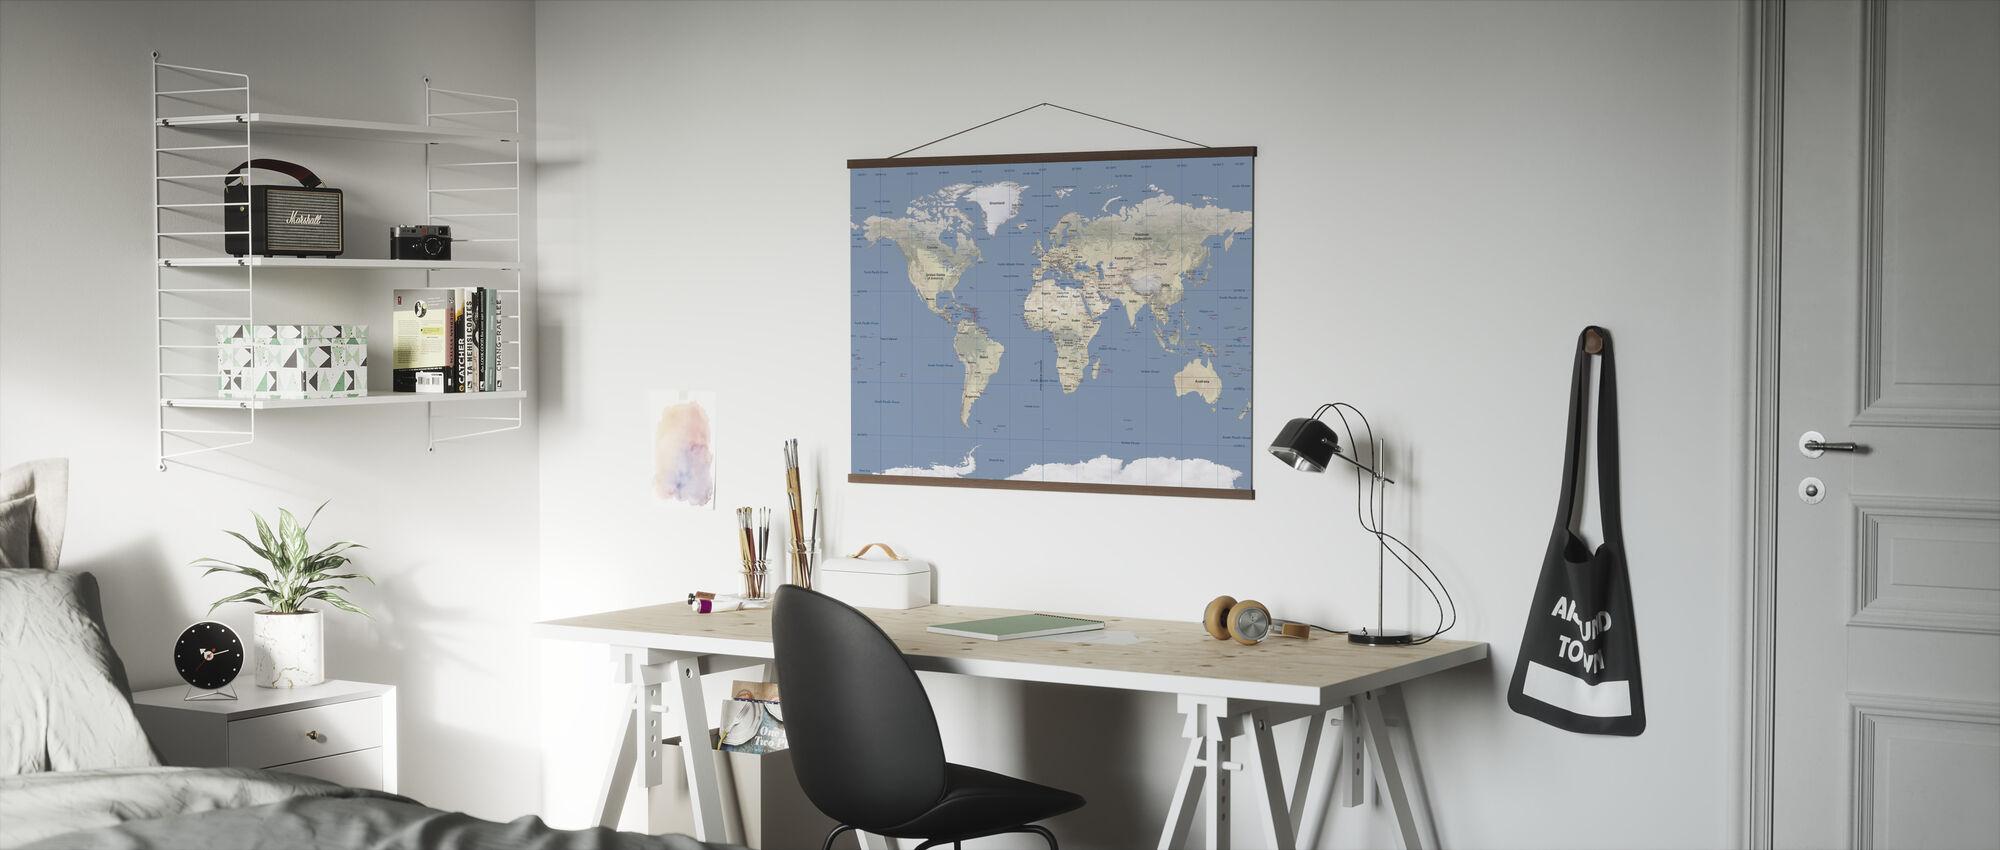 Verdenskart - Plakat - Kontor